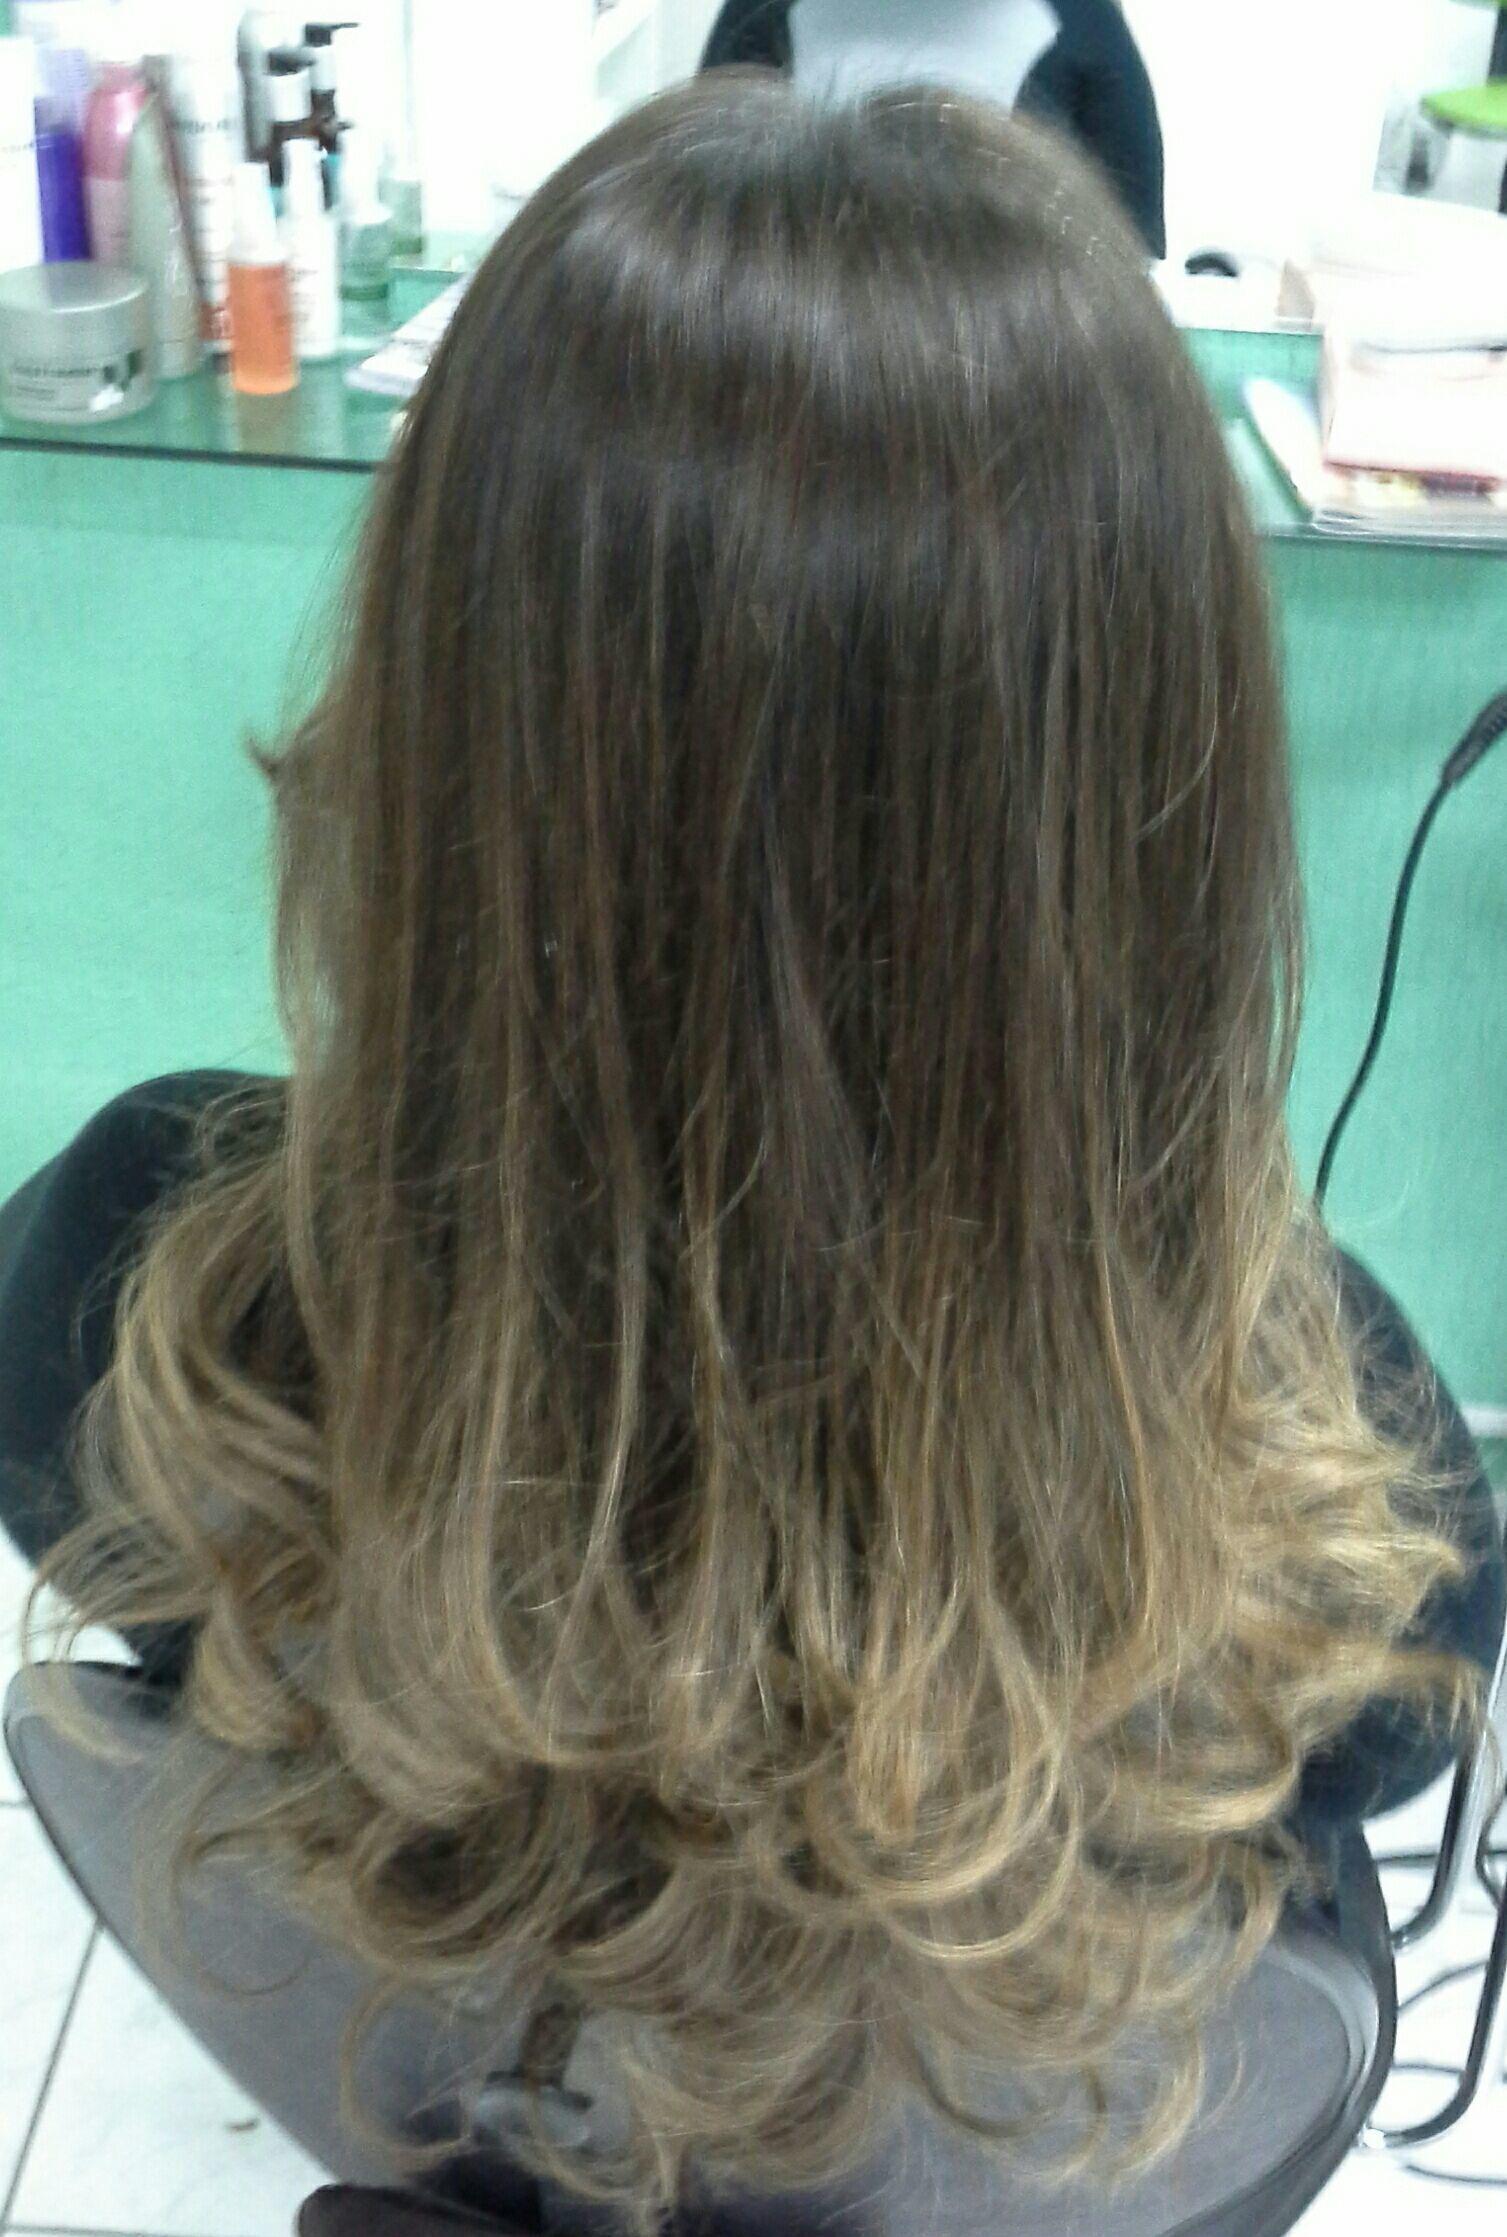 Ombre hair cor mel  e corte em  degradê  , técnica  pivot  point cabelo stylist / visagista cabeleireiro(a)